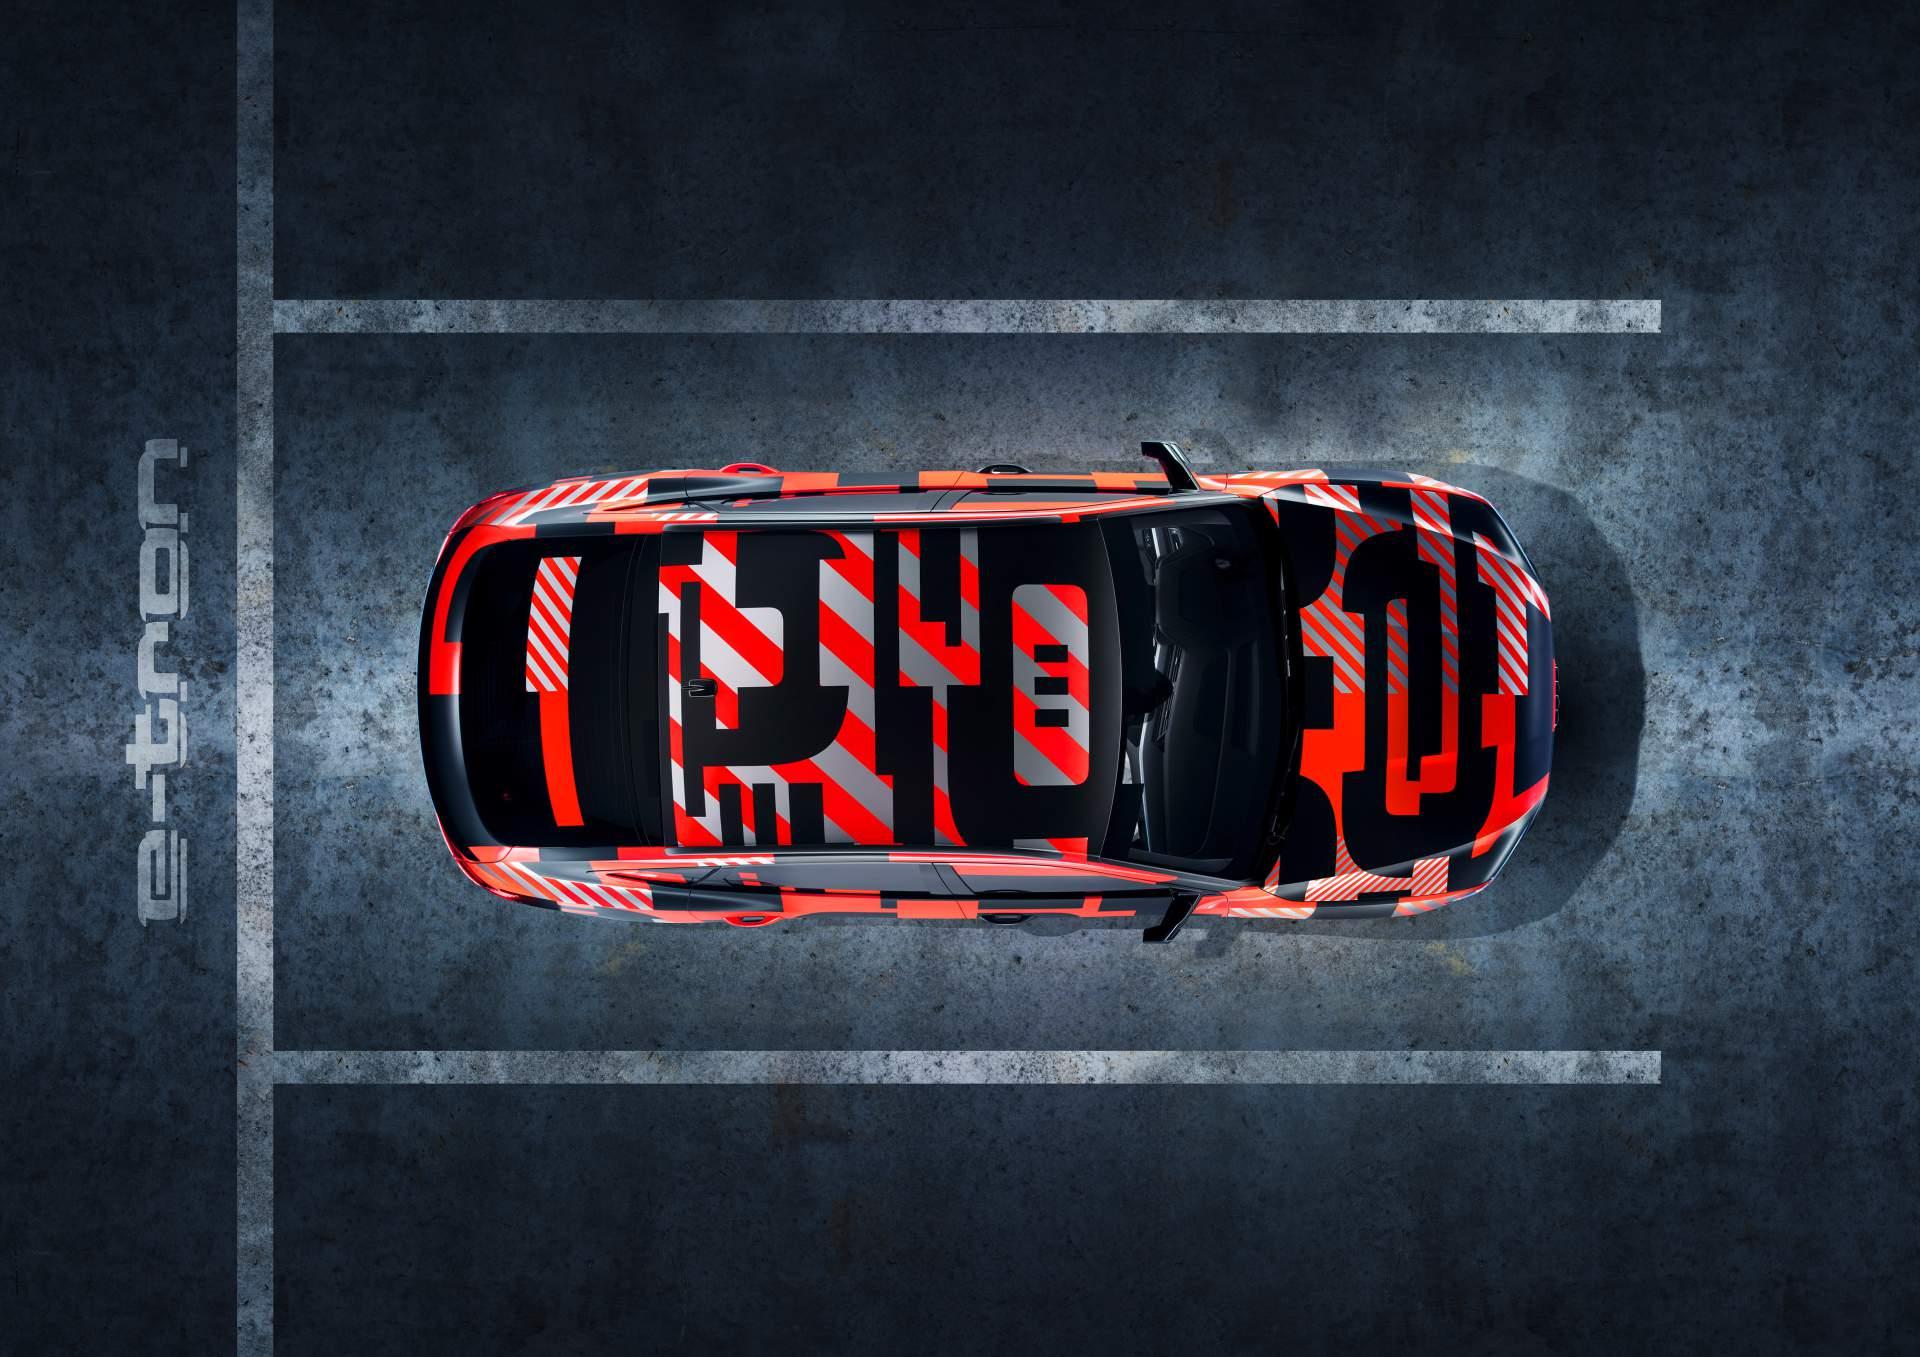 Audi E-Tron Sportback Prototype Geneva 2019 (17)